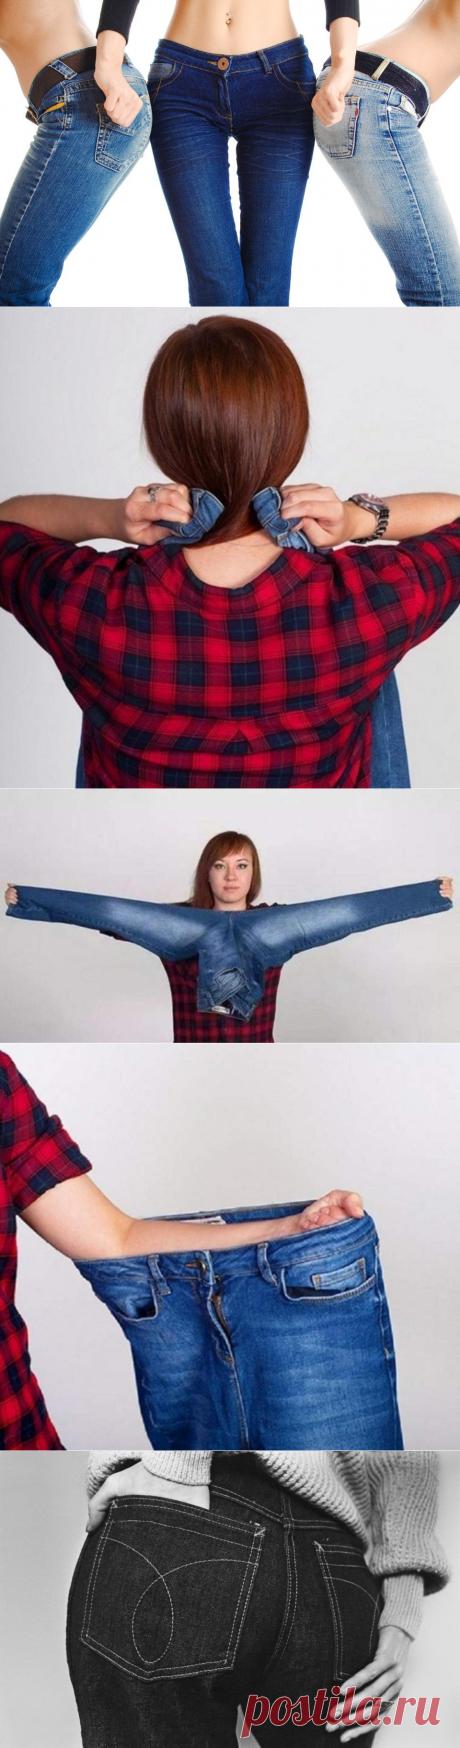 При покупке джинс воспользуйтесь этими простыми правилами.